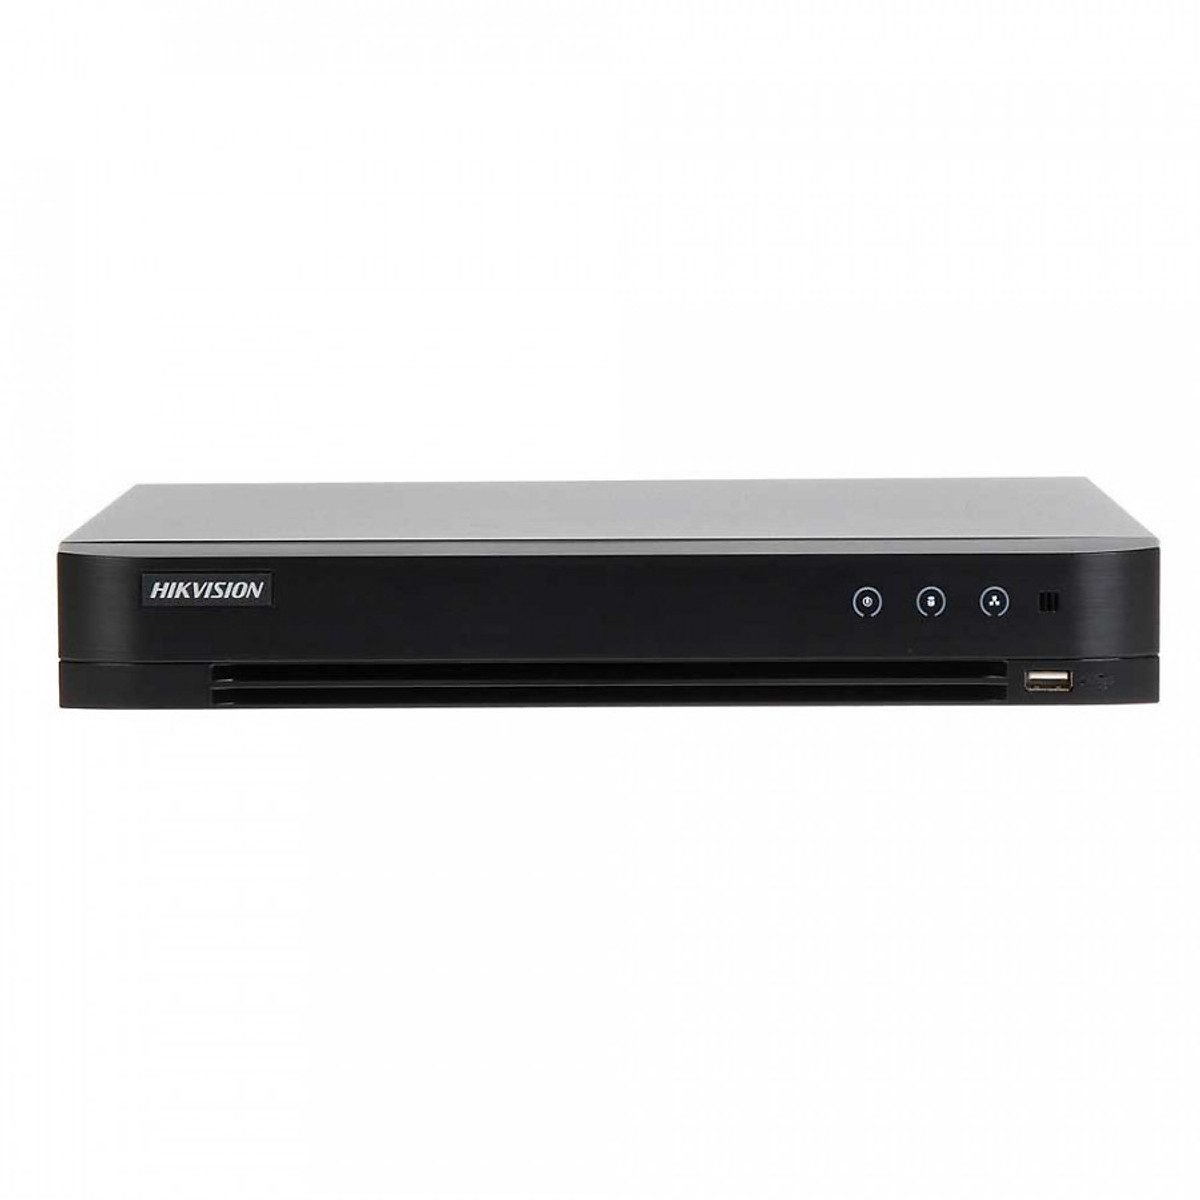 ĐẦU Ghi Hình Camera HD-TVI (TURBO 4.0) Hỗ trợ POC – Hikvision DS-7204HQHI-K1/P – Hàng chính hãng